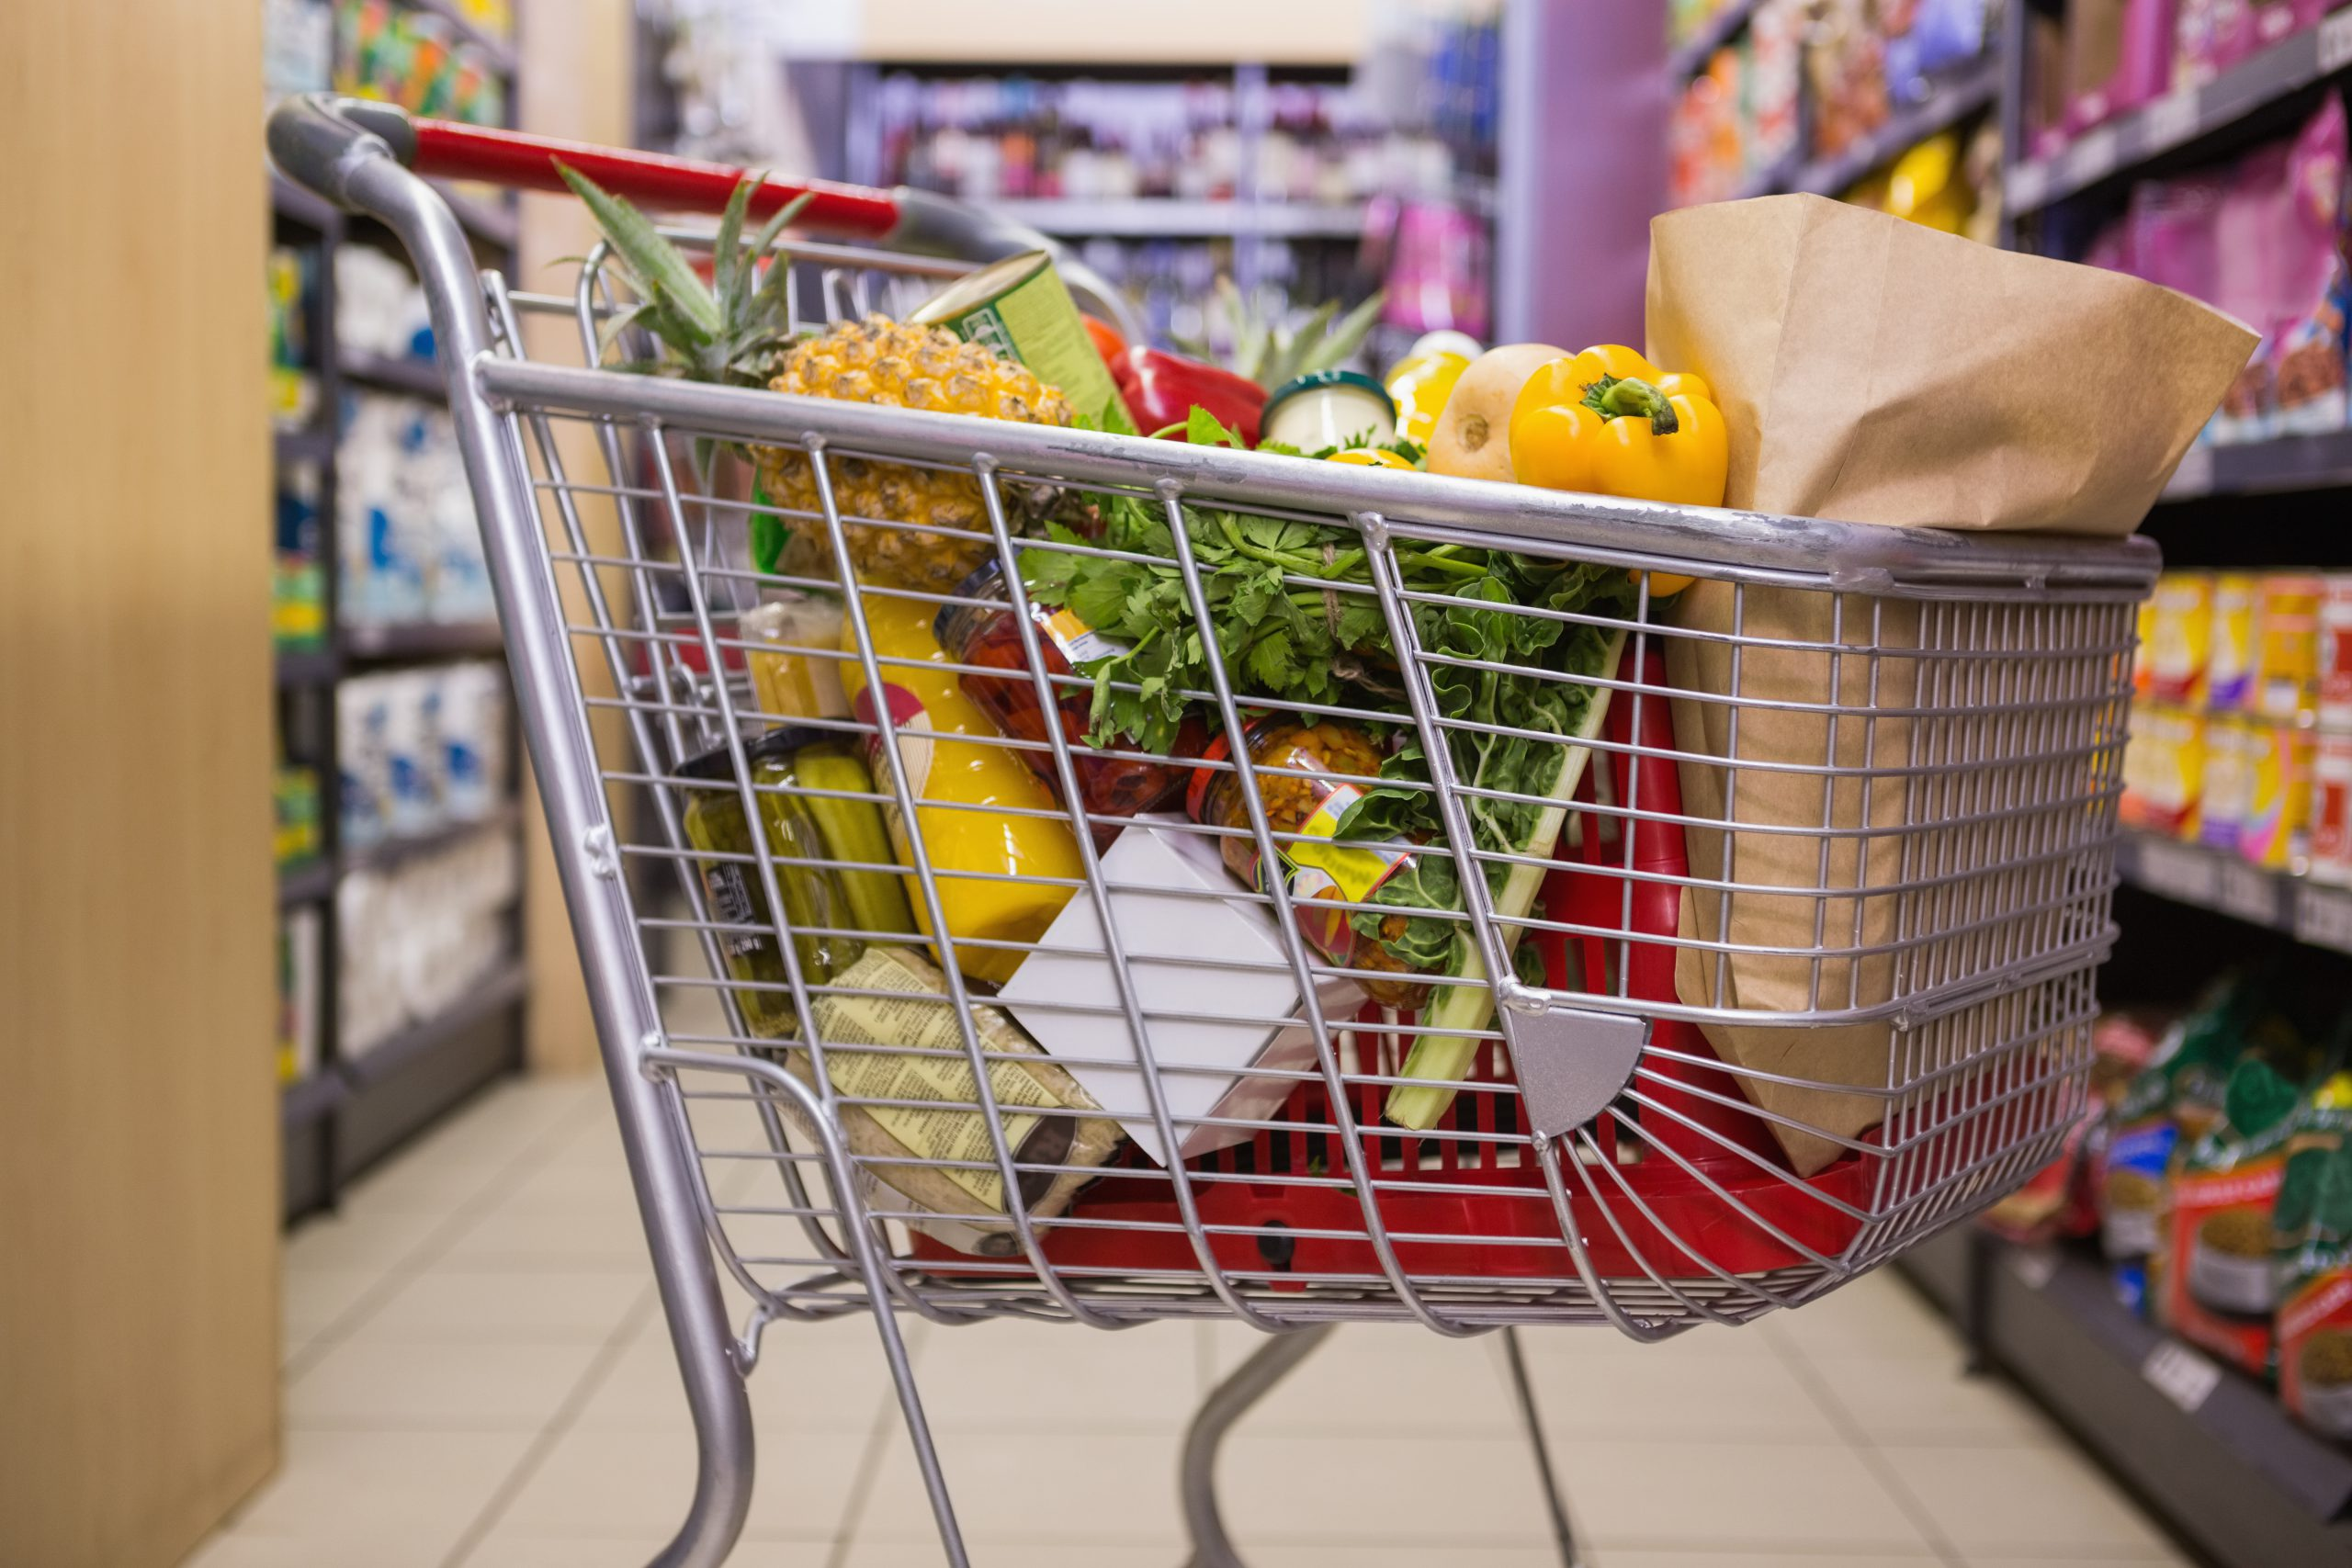 Prawie 70% świątecznego budżetu Polacy zostawią w sklepach stacjonarnych